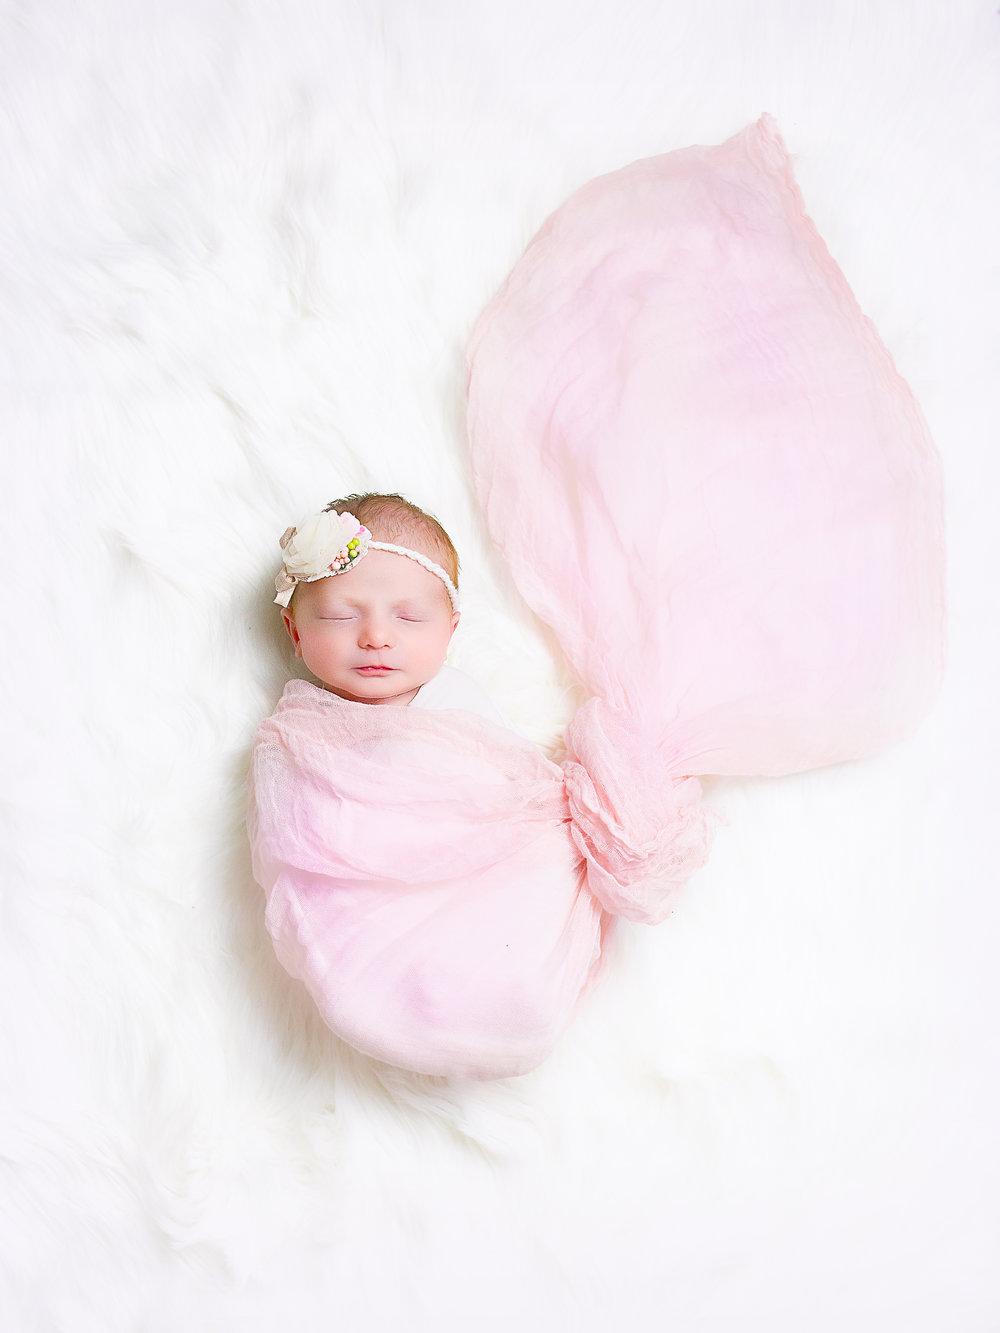 baby girl newborn newport beach